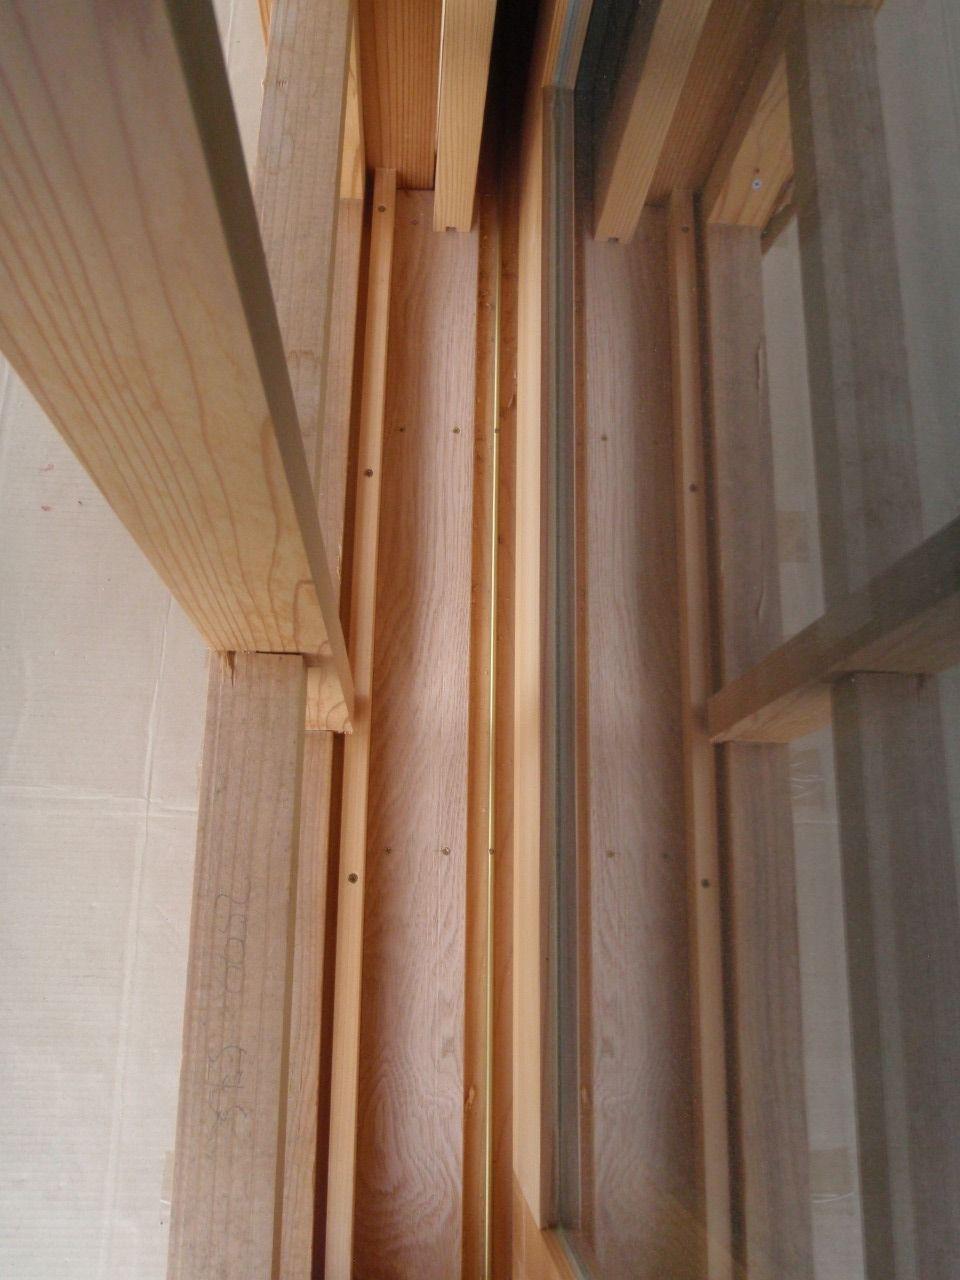 雨戸用の戸袋の中の硬木 : 仙里草の板倉の家